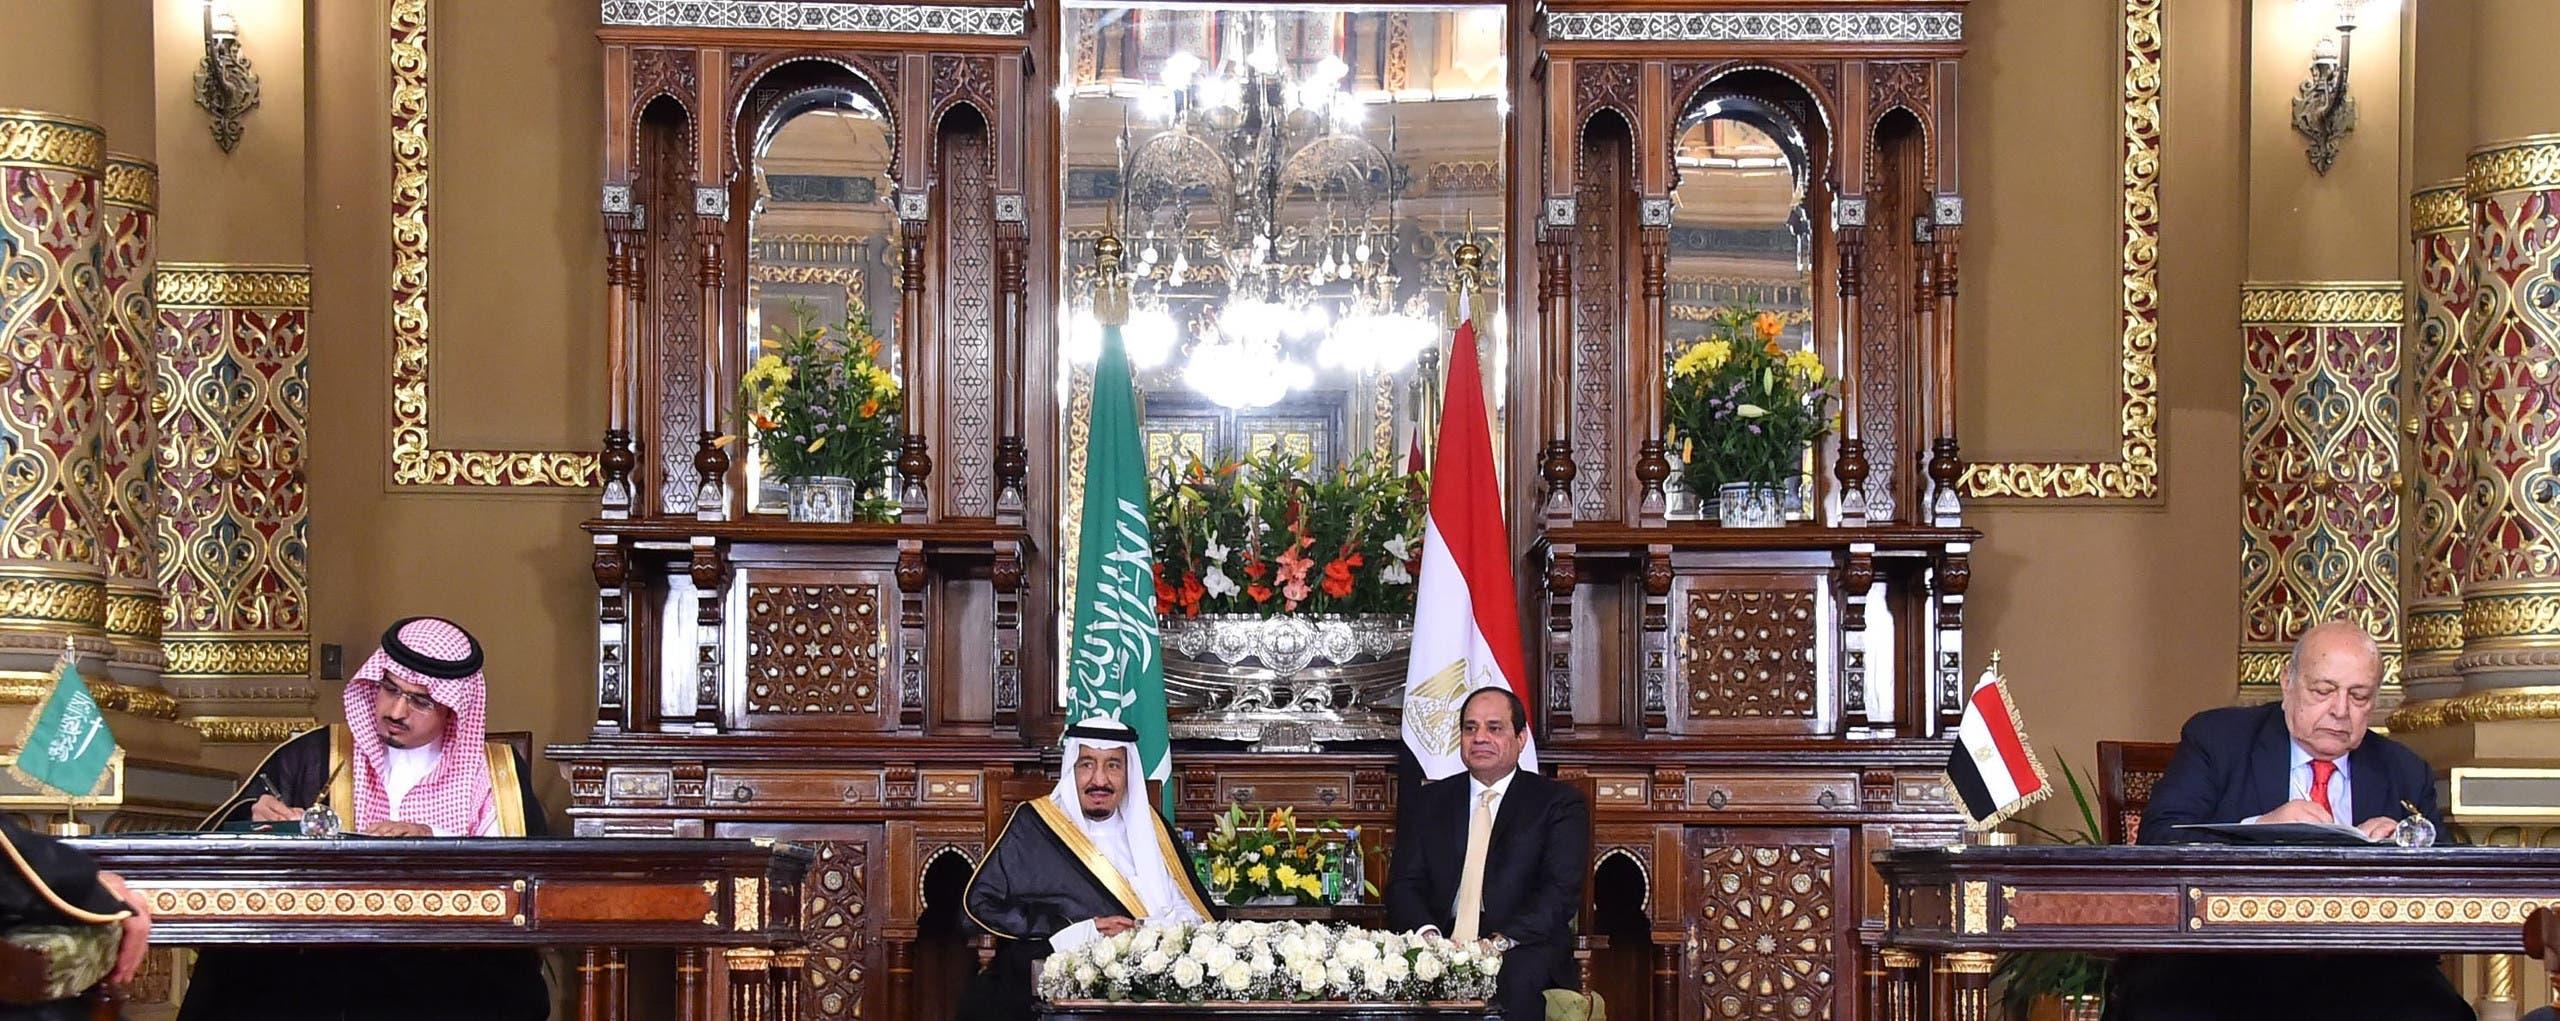 الملك سلمان والرئيس السيسي يشهدان توقيع مذكرات تفاهم